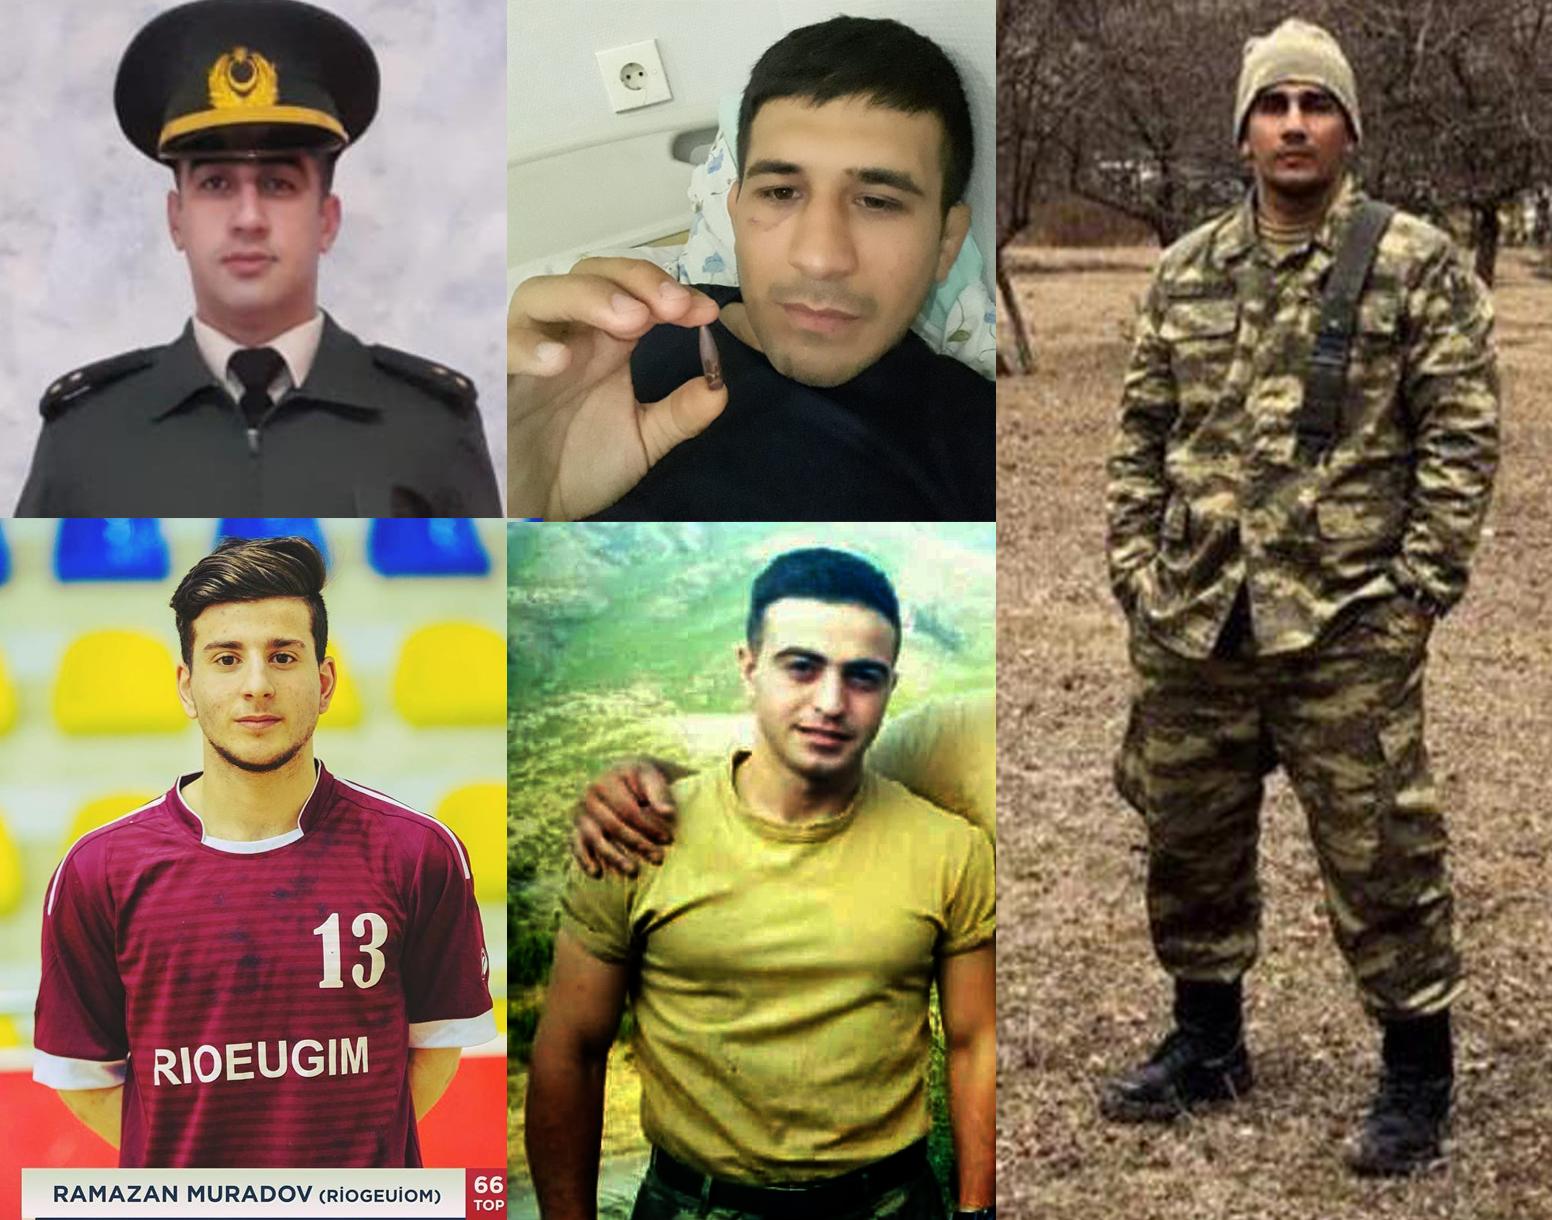 İkinci Qarabağ savaşında yaralanan idmançı-hərbçilərimizin qürurverici xatirələri